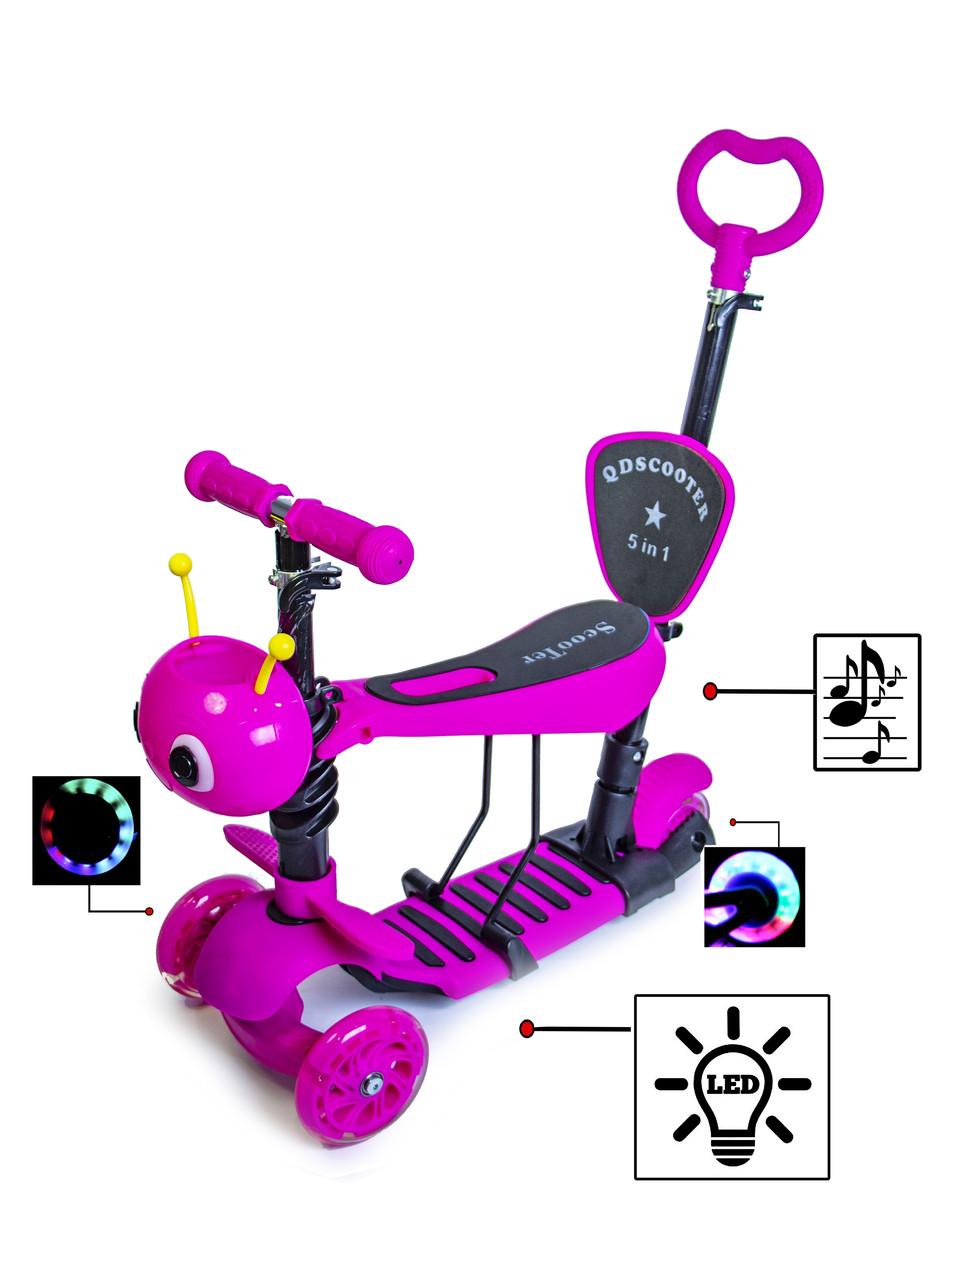 Самокат Scooter Пчелка 5 в 1. Розовый. С музыкой и подсветкой